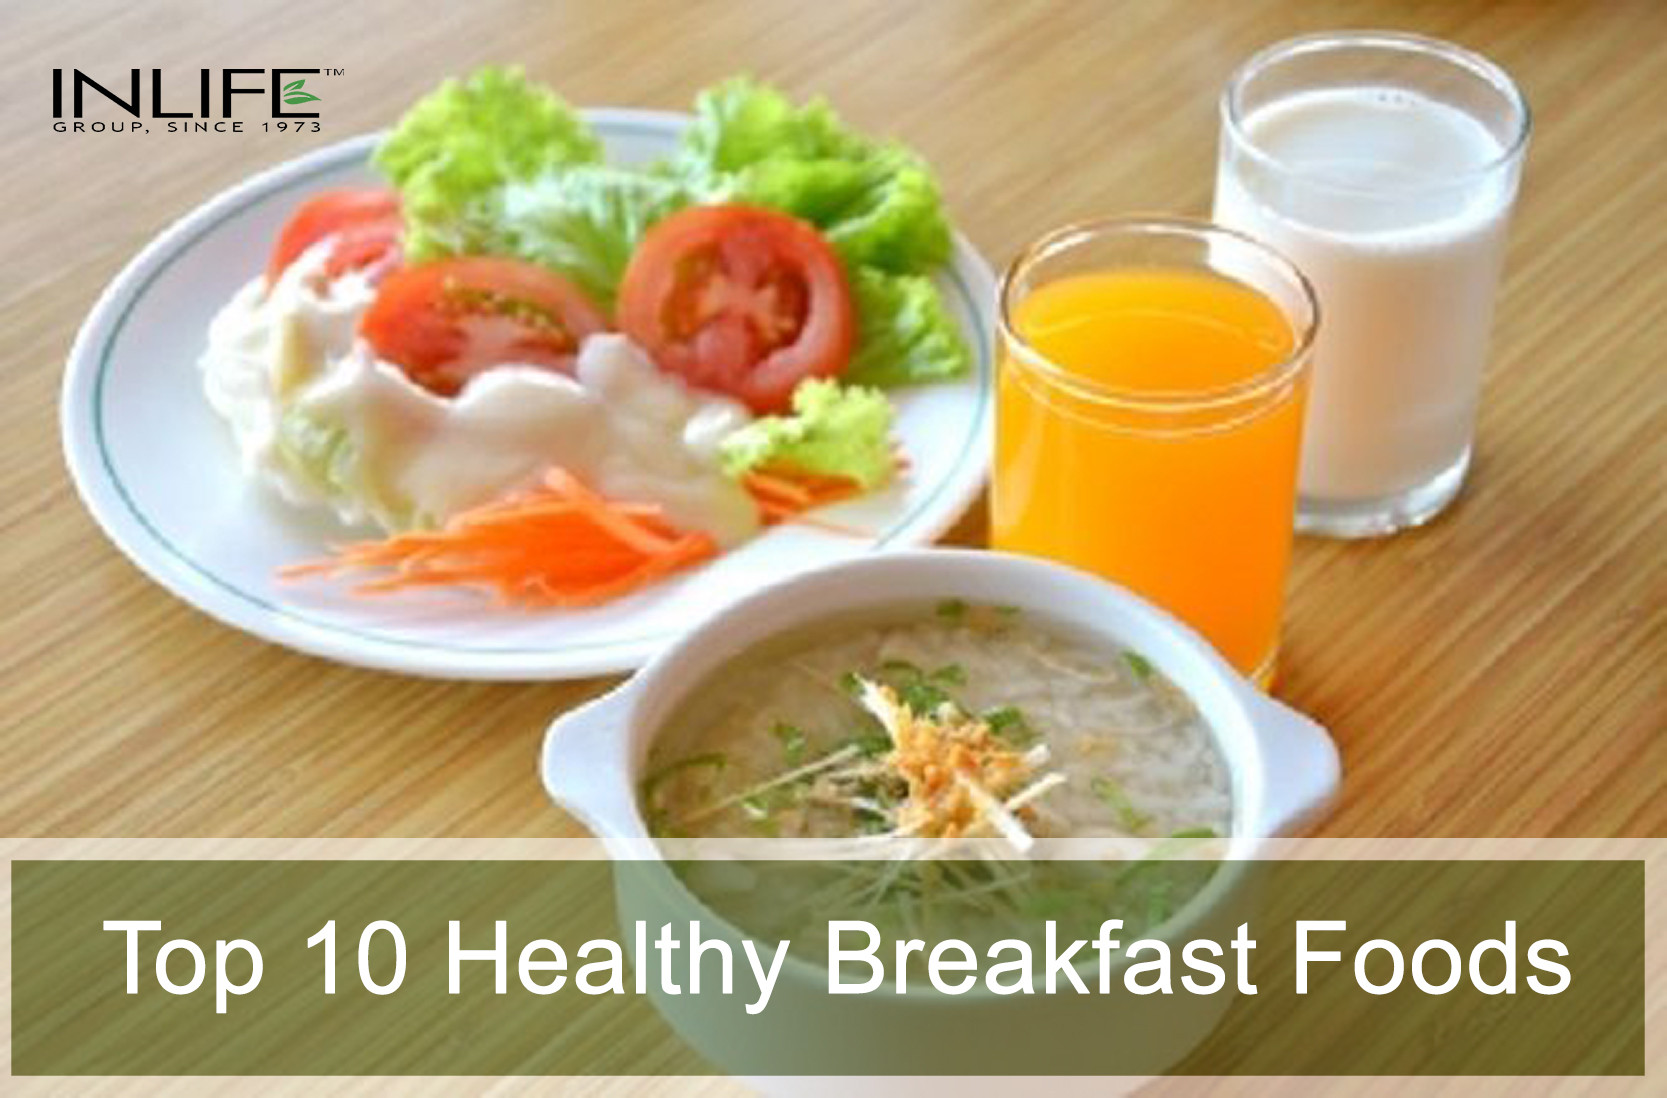 Great Healthy Breakfast  Top 10 Healthy Breakfast Foods to Eat INLIFE Healthcare